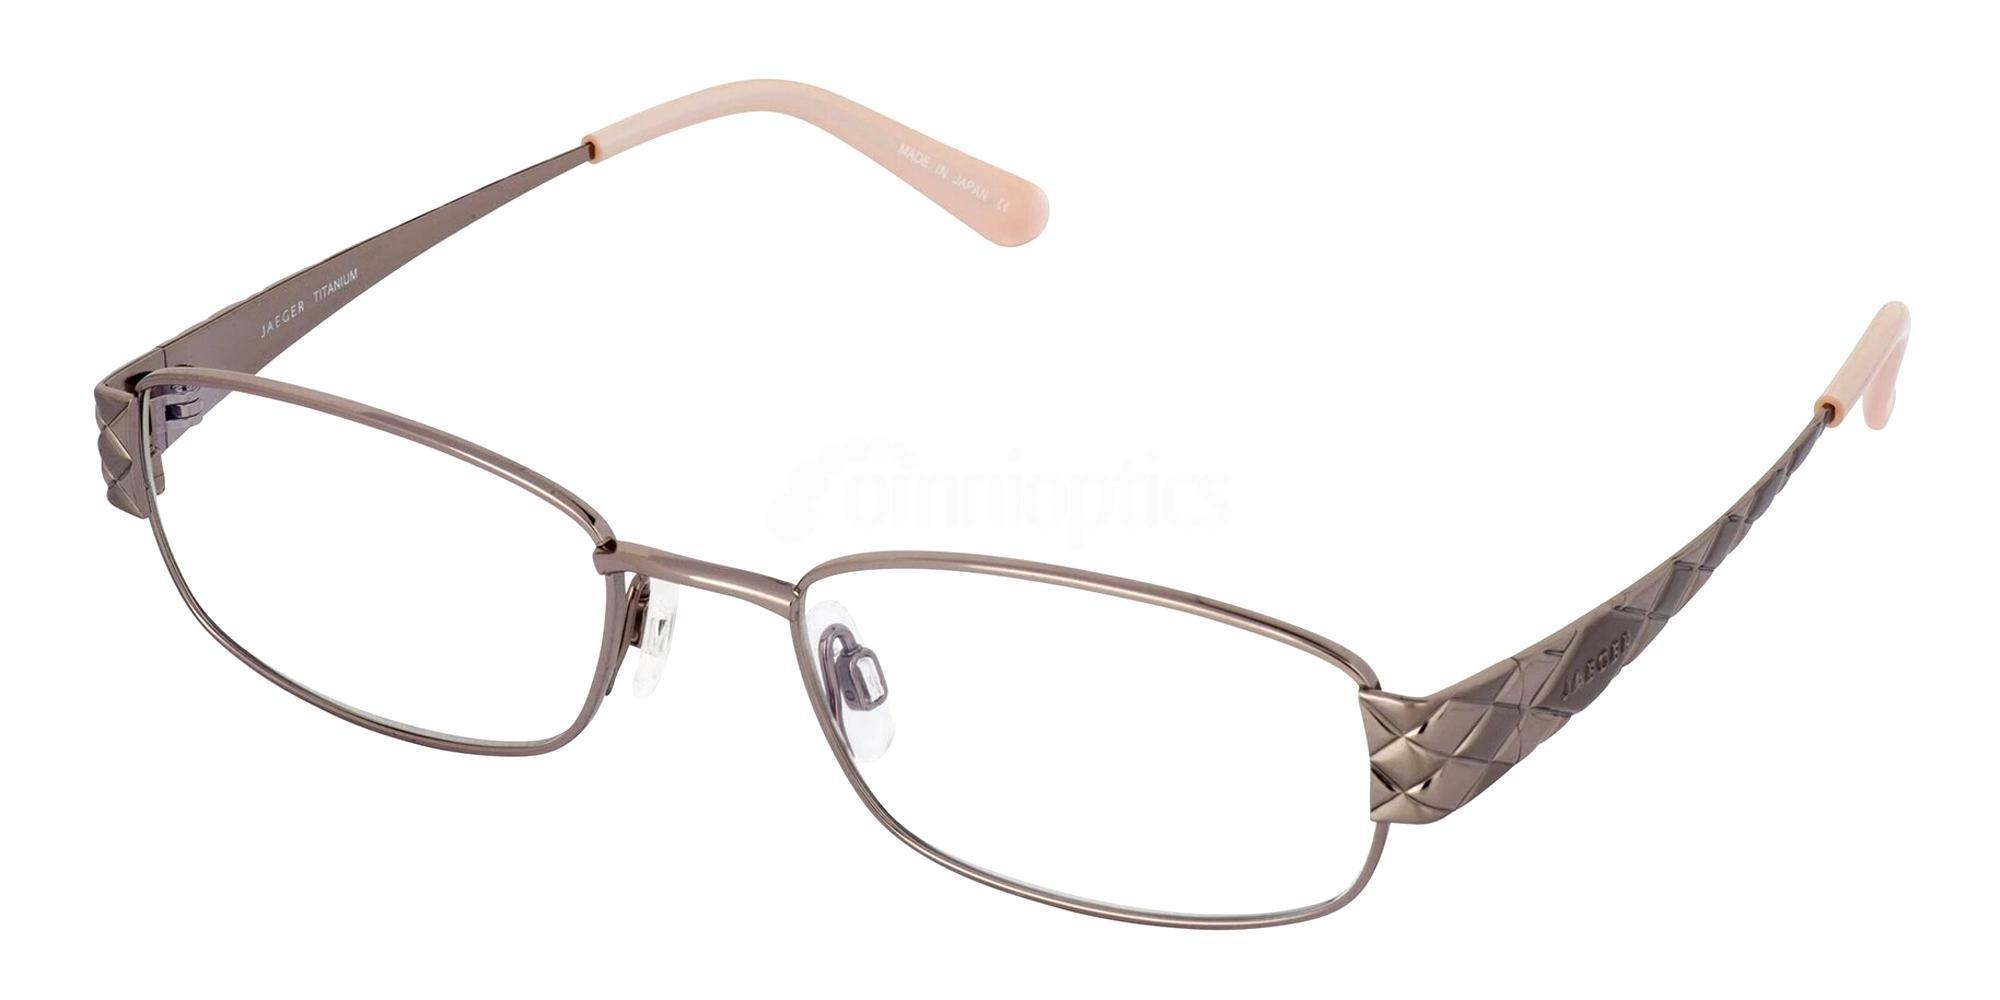 C.71 279 Glasses, Jaeger Pure Titanium